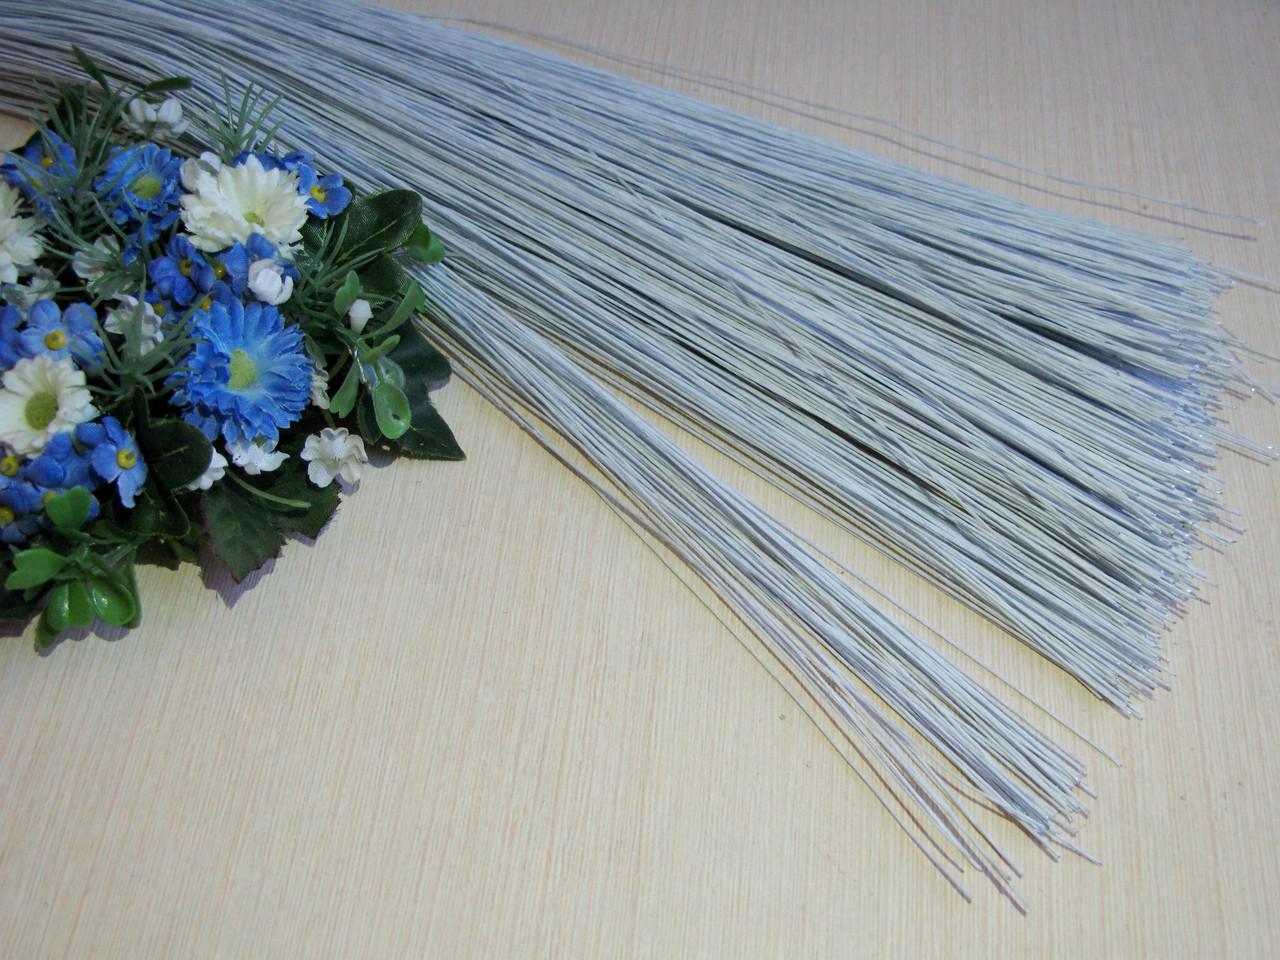 Проволока флористическая тейпированная. № 26 Диаметр 0.4 мм. Белая 22 грн - 50 шт (длина 60 см)